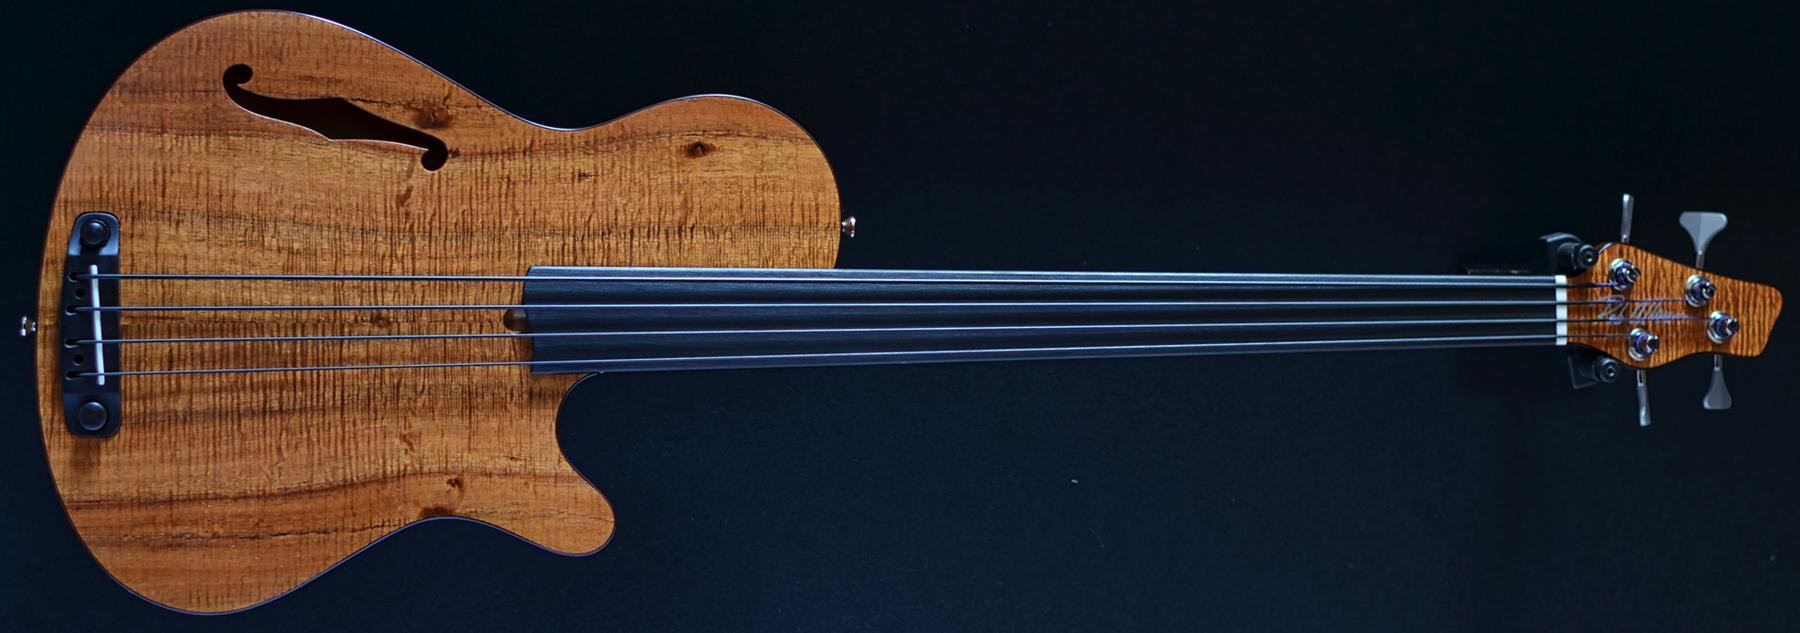 Rob Allen Deep 4 Four String Bass Flamed Koa Top Unlined Fretless